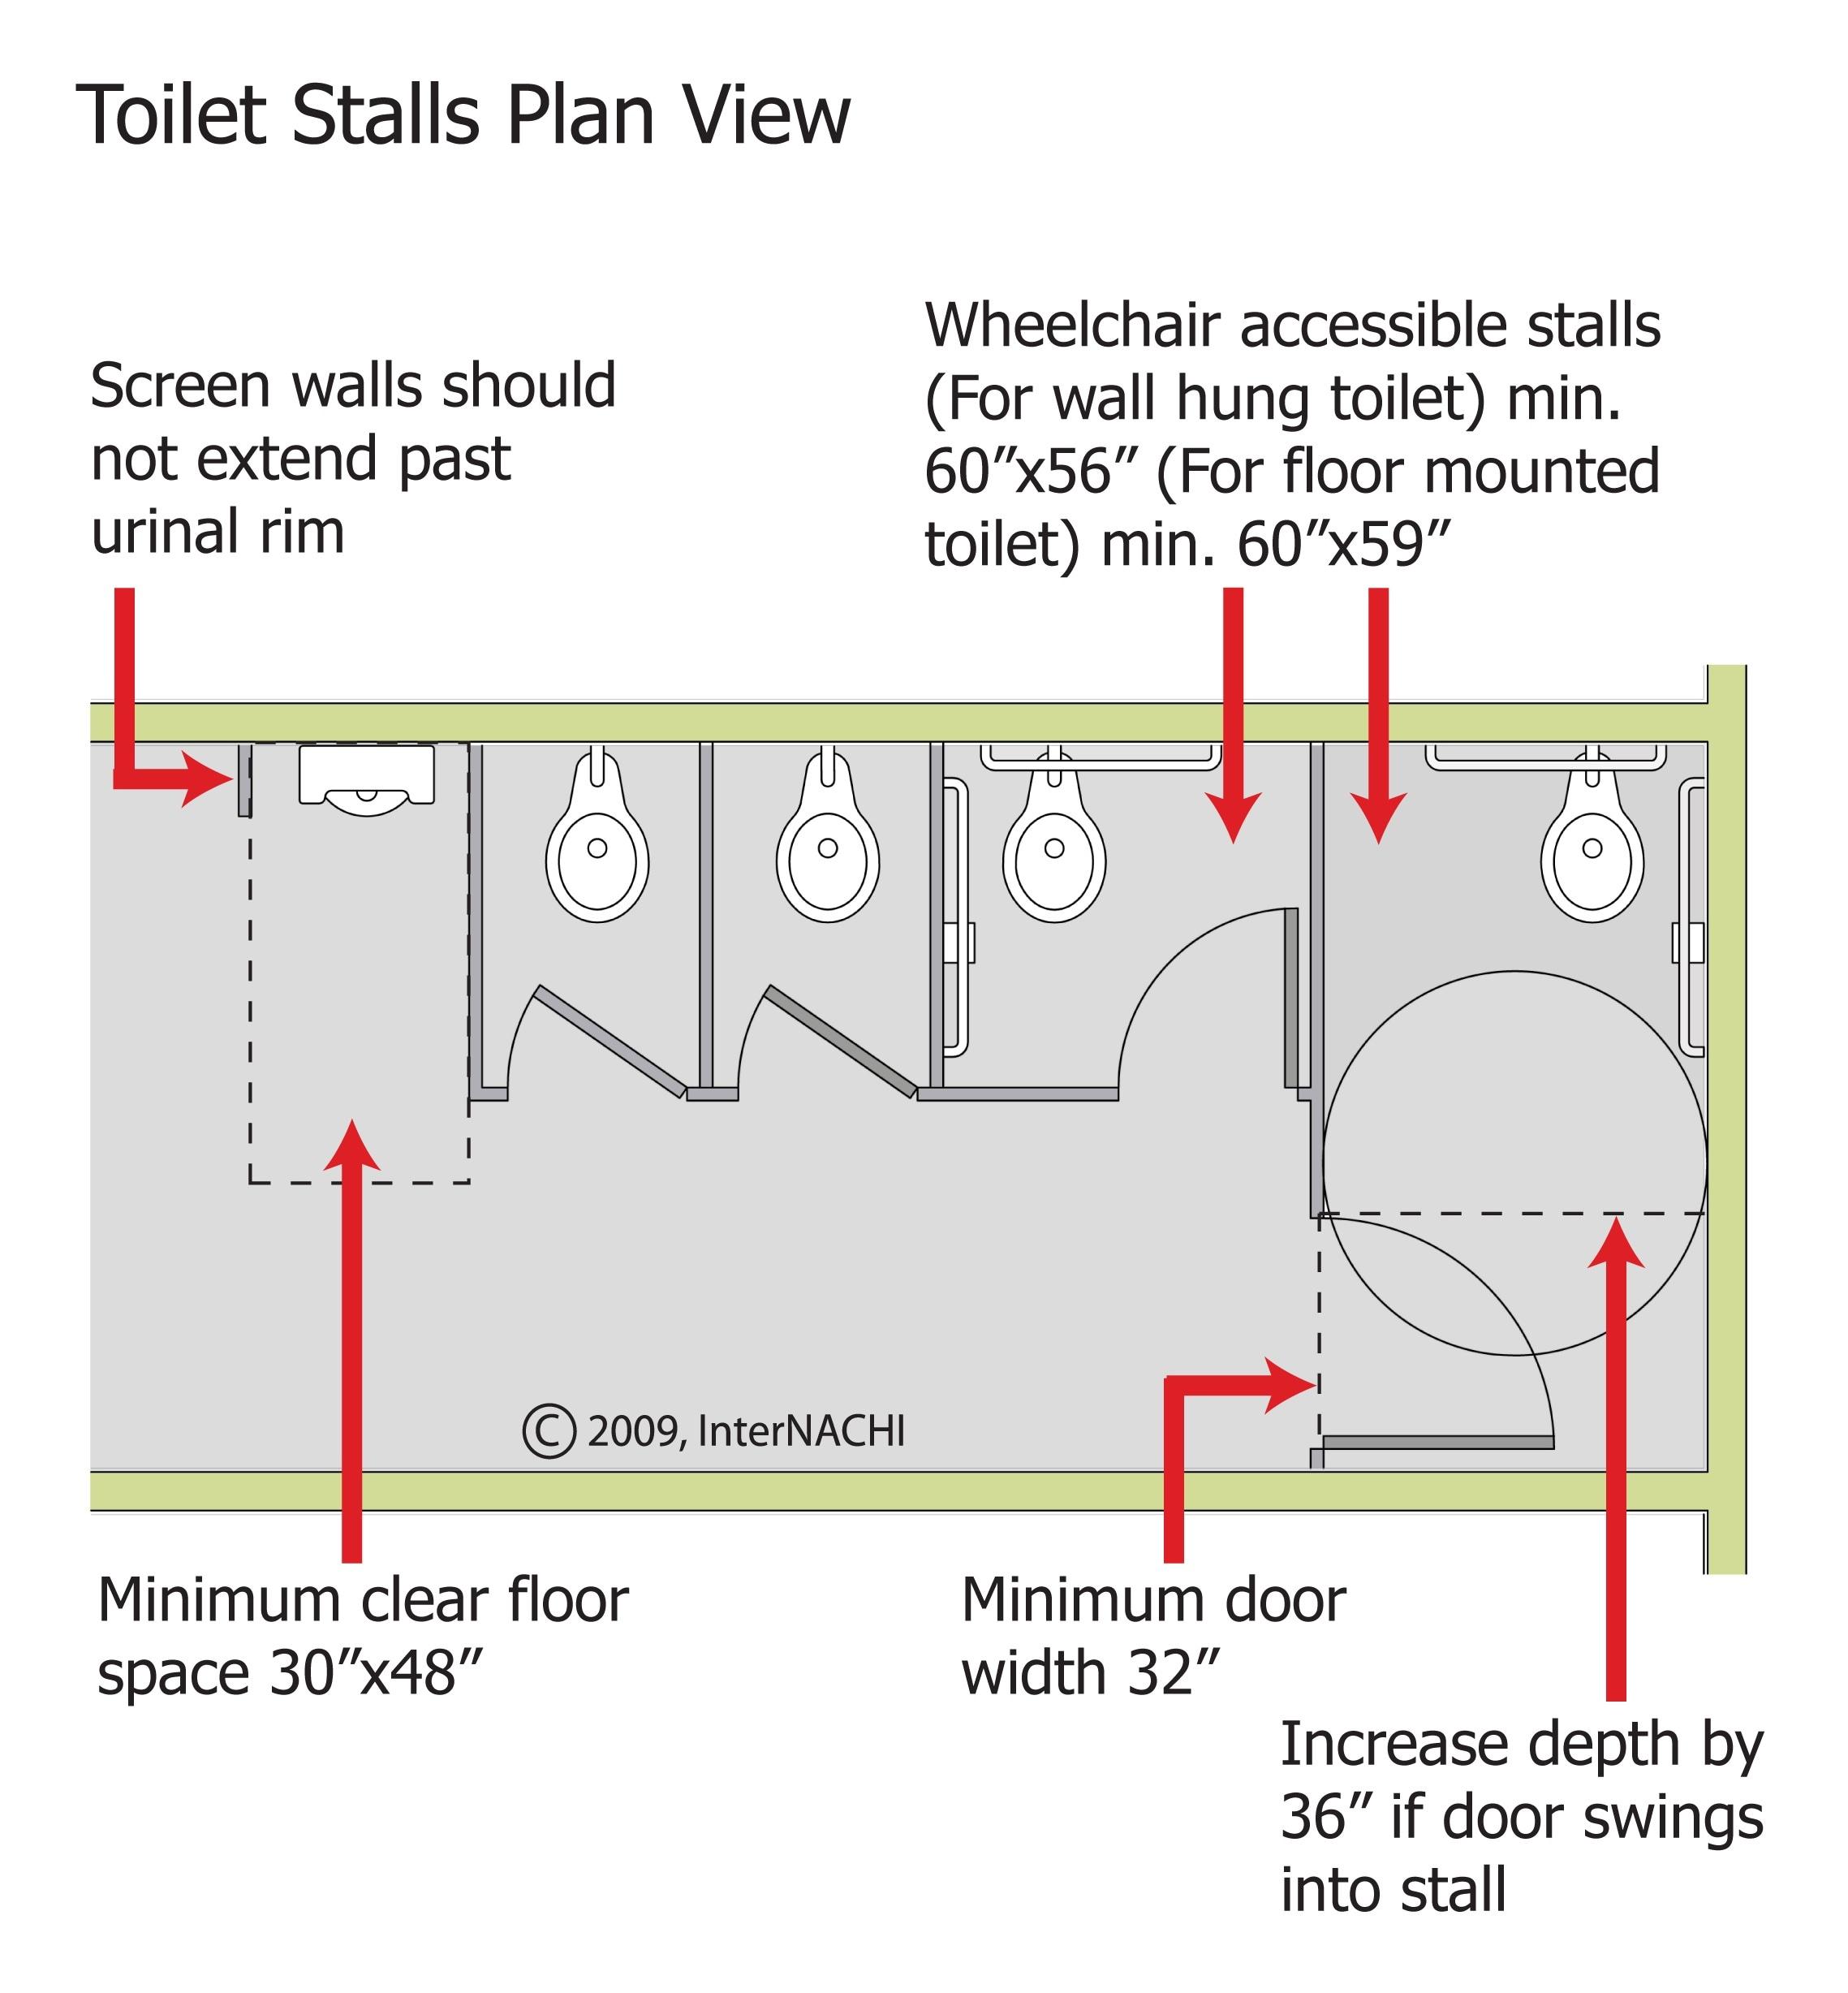 Toilet stalls.